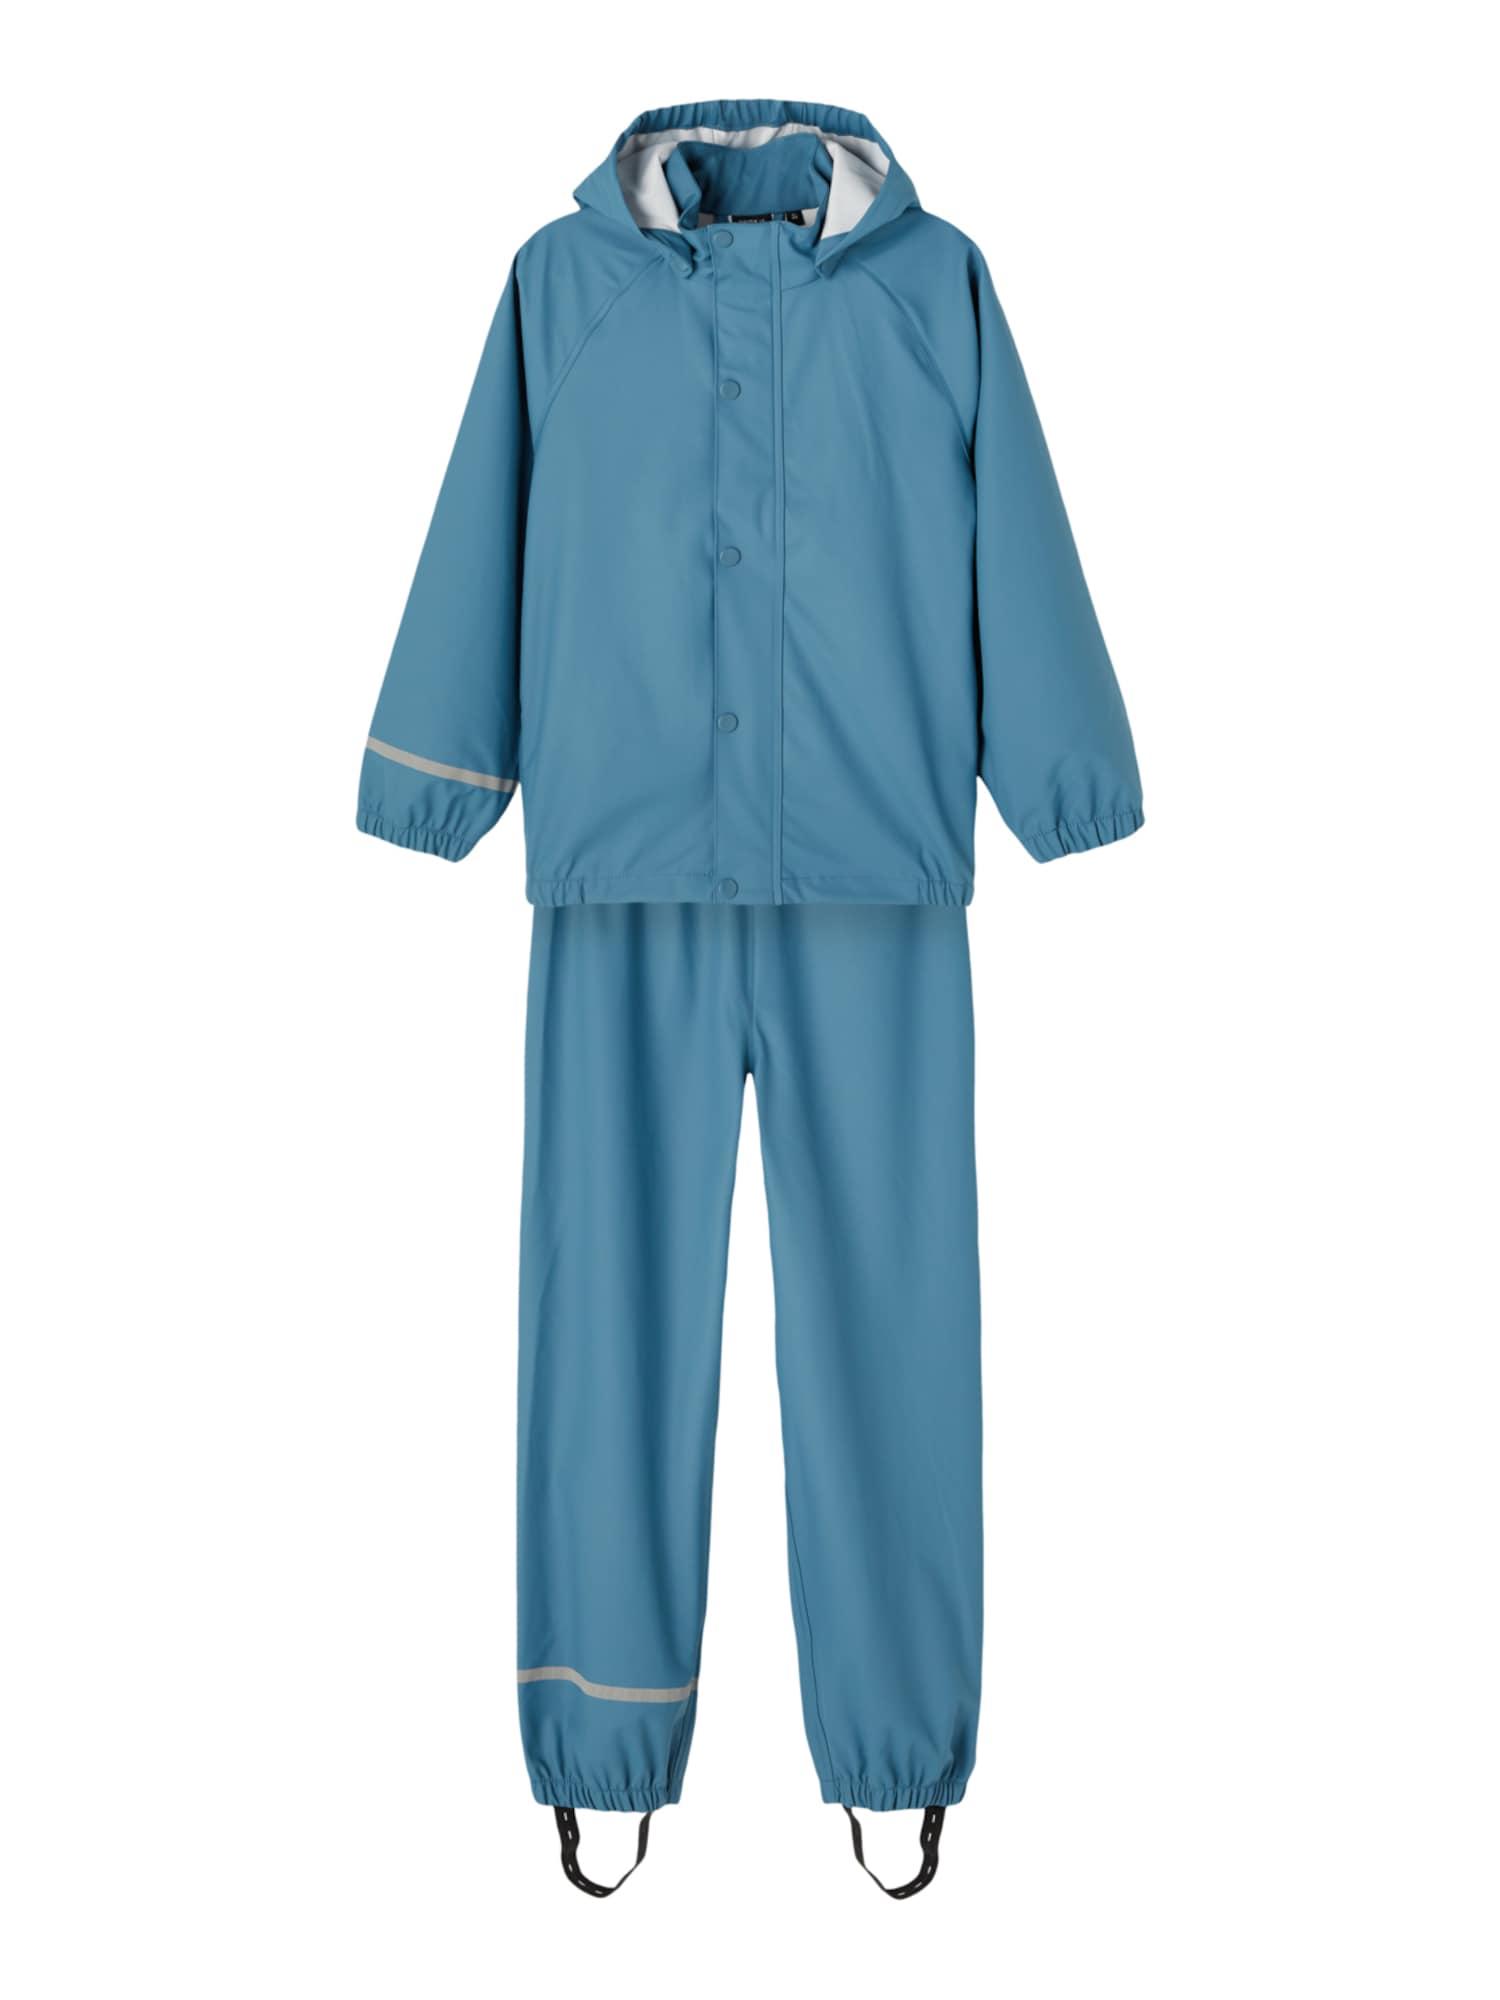 NAME IT Funkcinis kostiumas 'Dry' violetinė-mėlyna